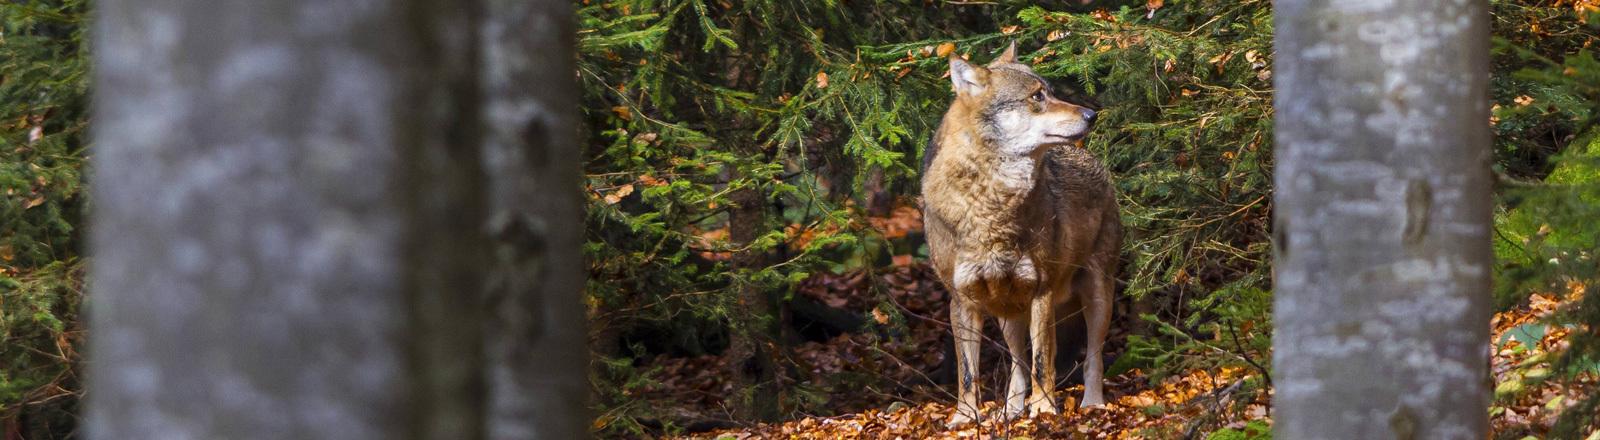 Ein Wolf im Wald. Herbst.